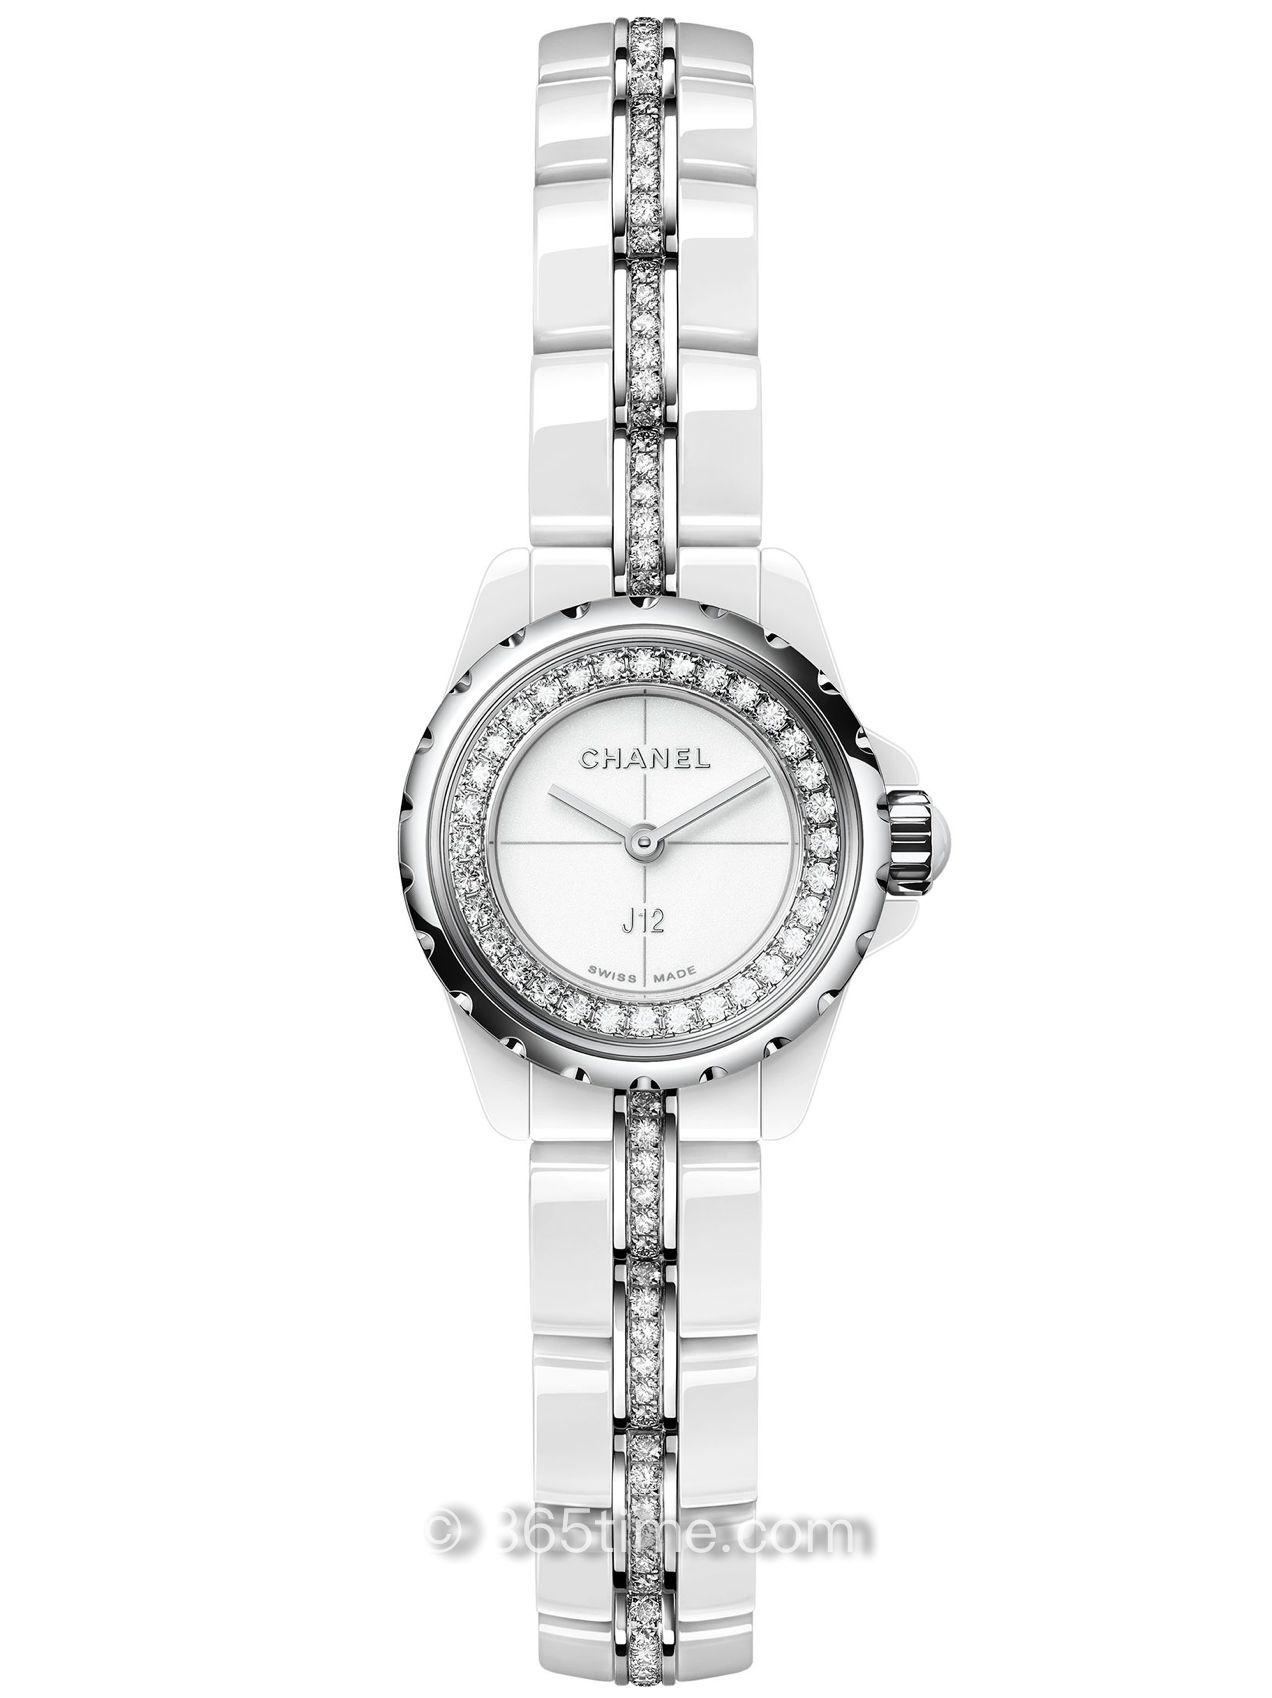 Chanel香奈儿J12∙XS白色腕表H5238